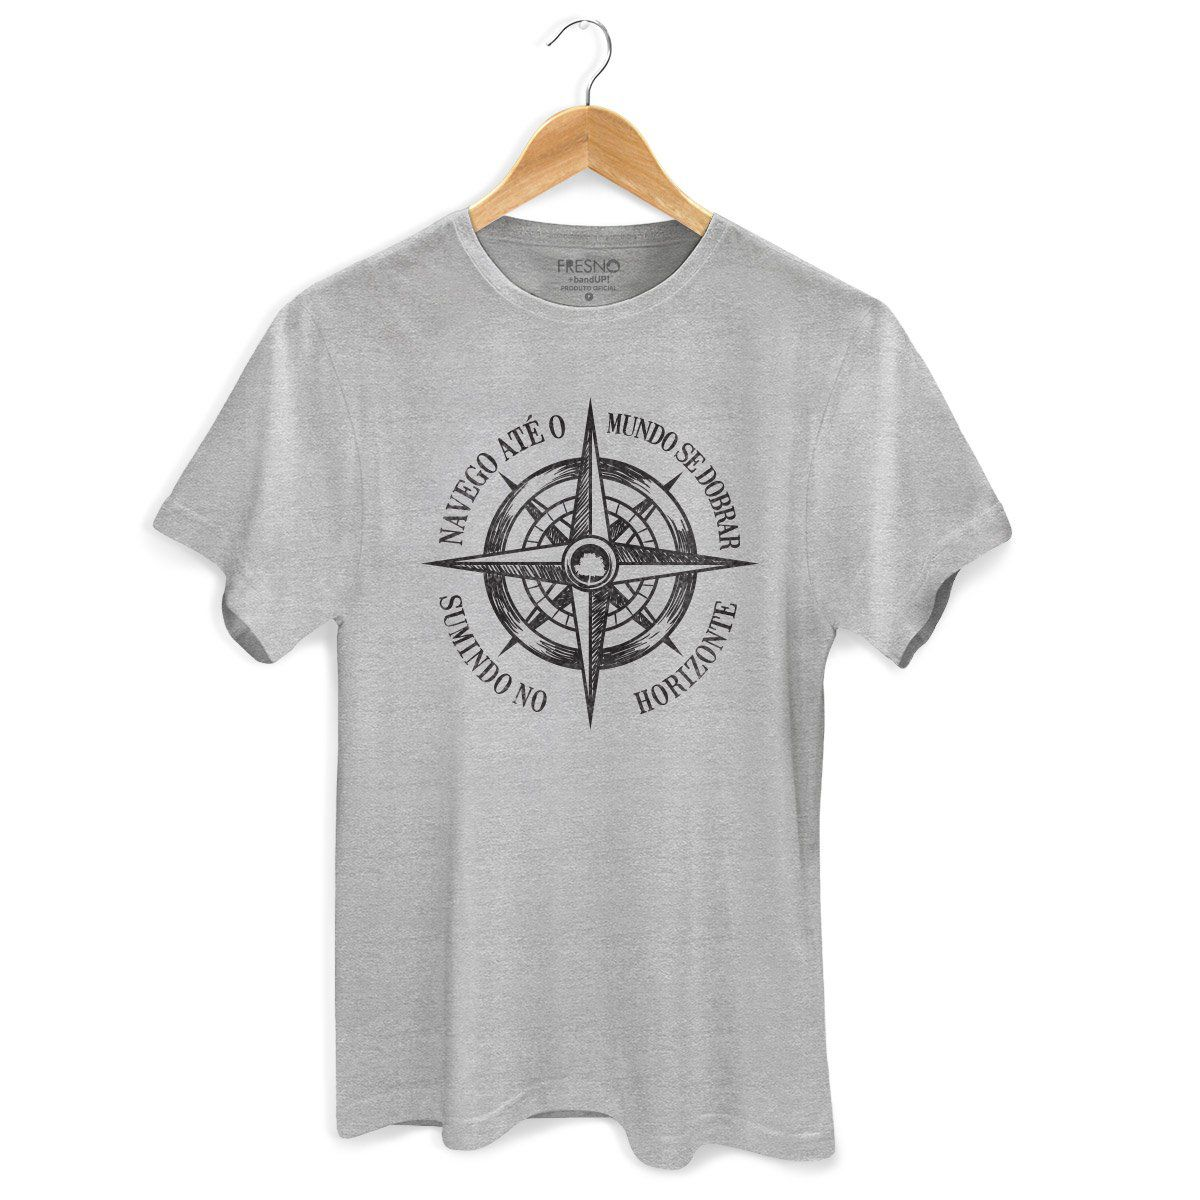 Camiseta Masculina Fresno - Navego Até o Mundo se Dobrar